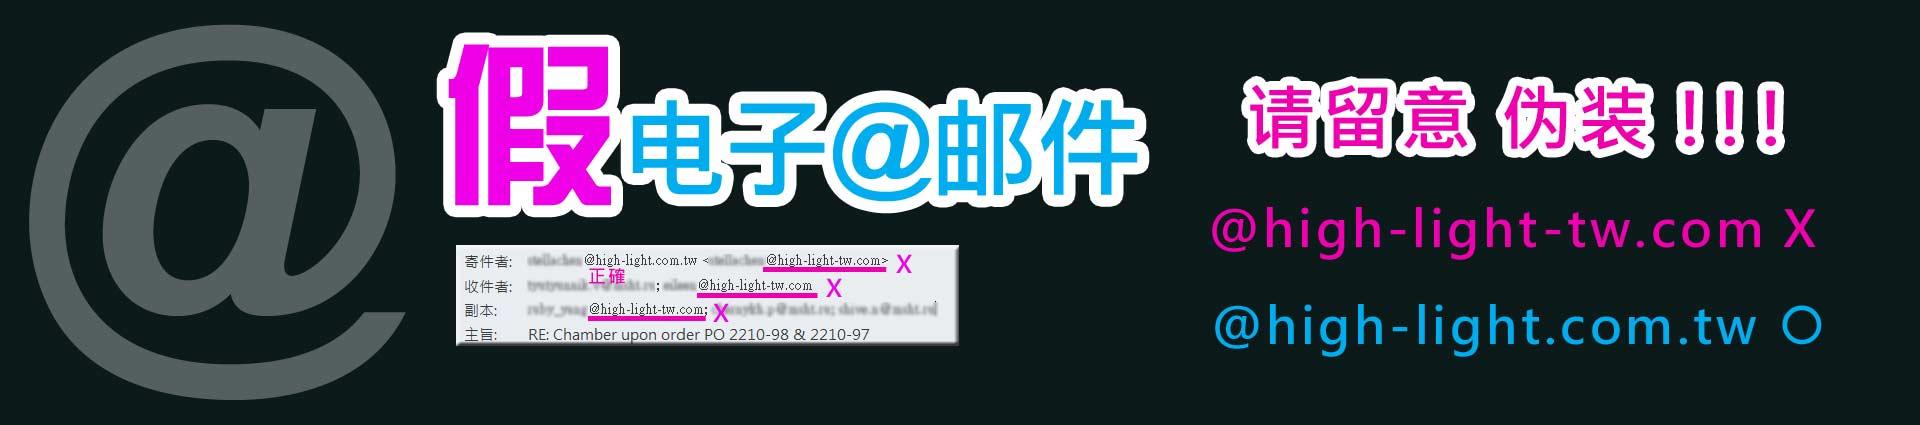 htc-vacuum-mail-cn.jpg